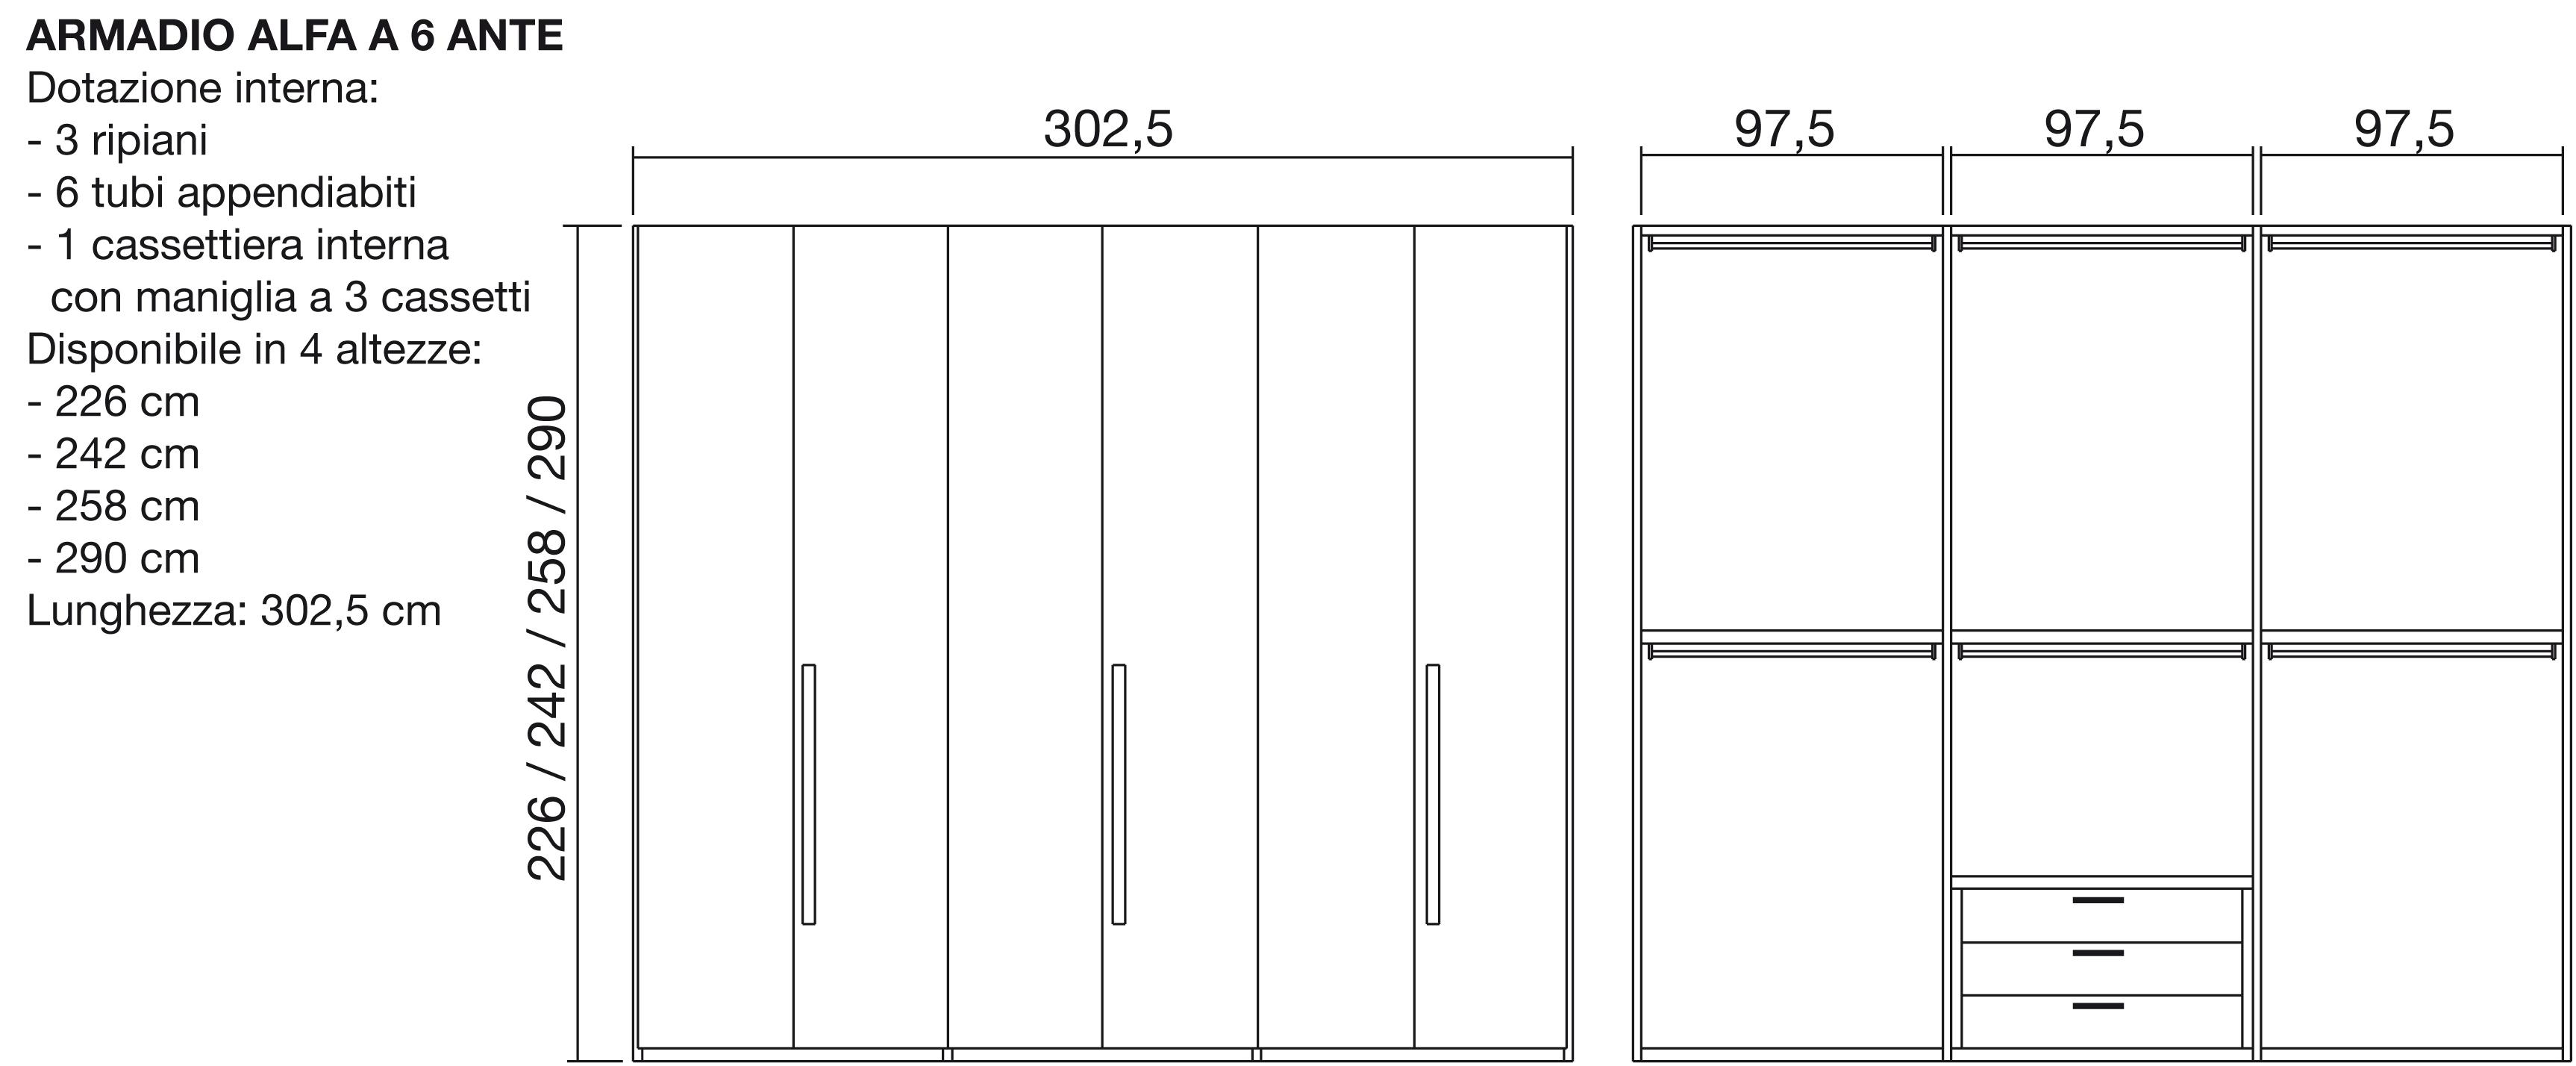 armadio alfa moderno laminato materico ante battenti - armadi a ... - Misure Armadio Camera Da Letto